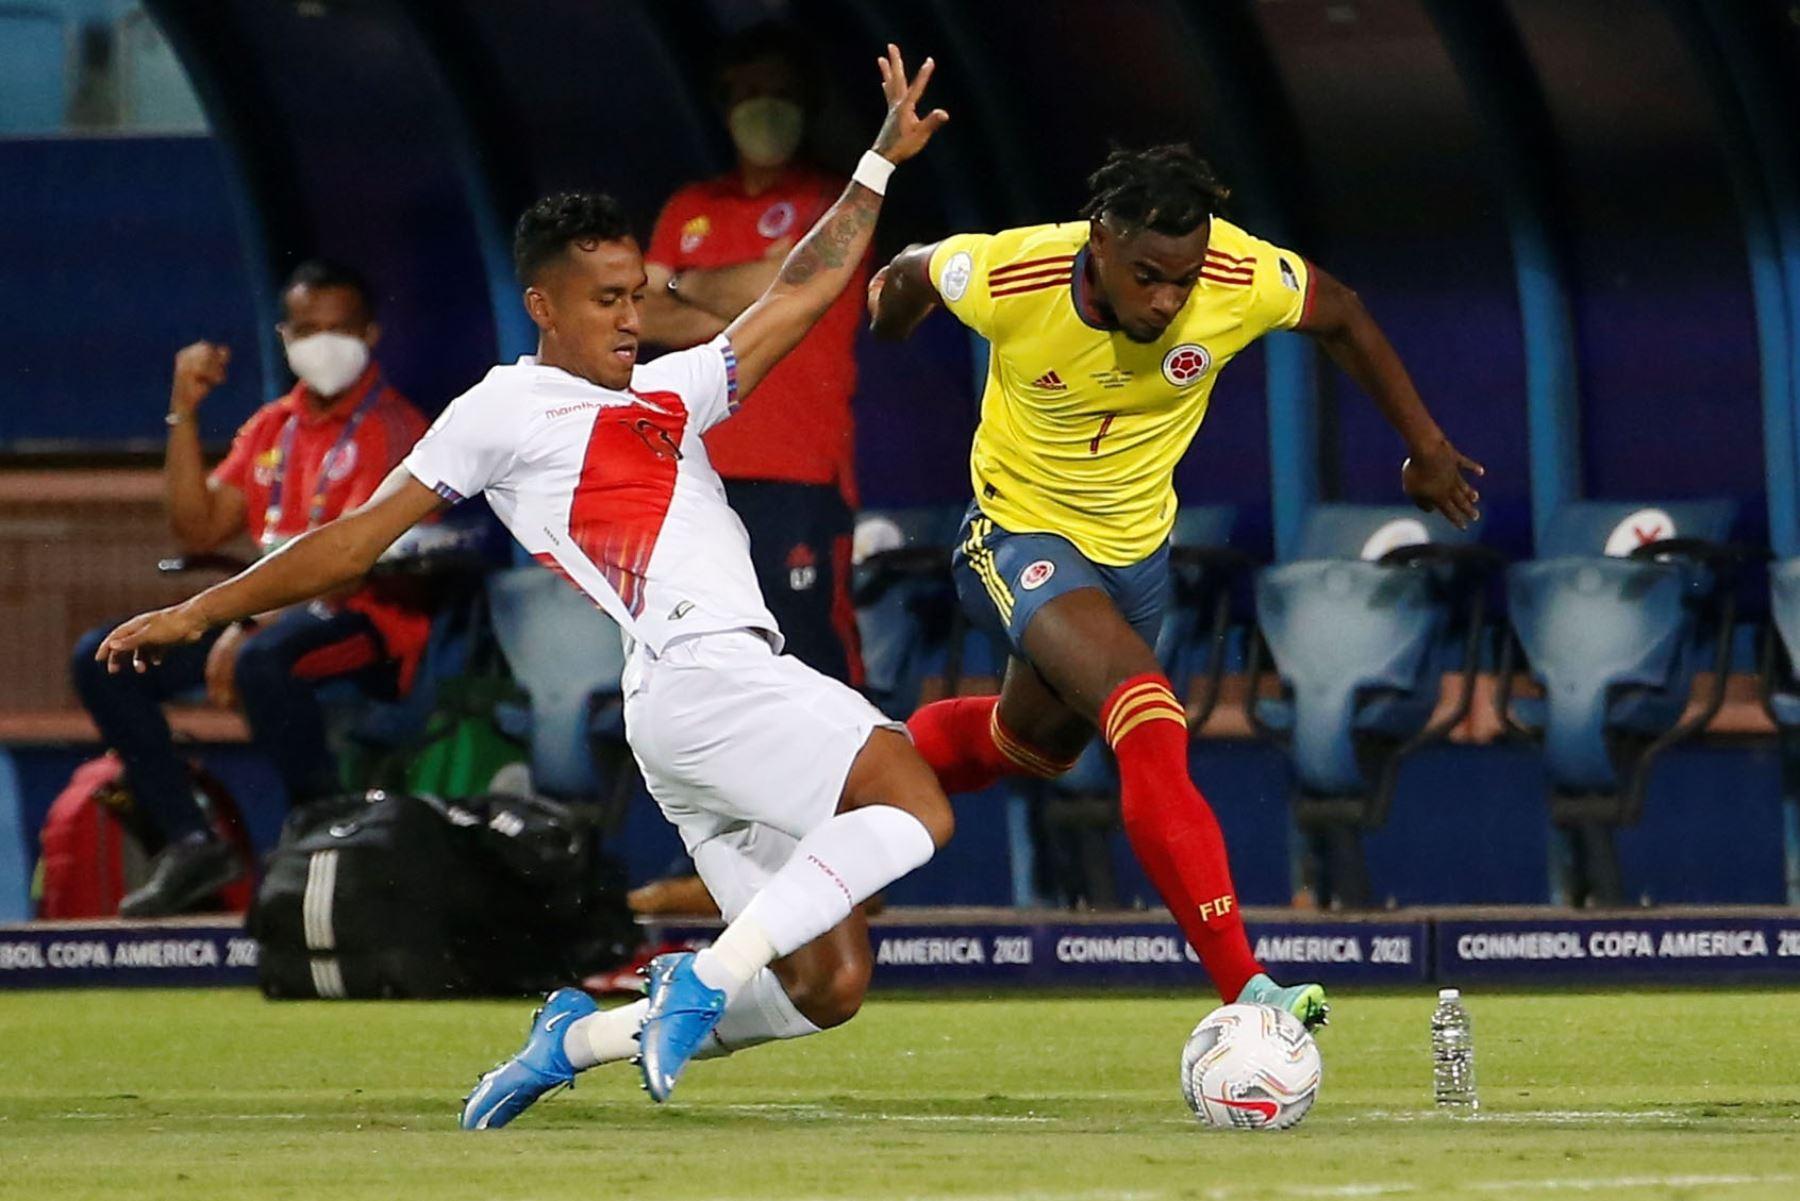 Duván Zapata  de Colombia disputa hoy el balón con Renato Tapia de Perú, durante un partido por el grupo B de la Copa América en el Estadio Olímpico Pedro Ludovico Teixeira, en (Brasil. Foto: EFE